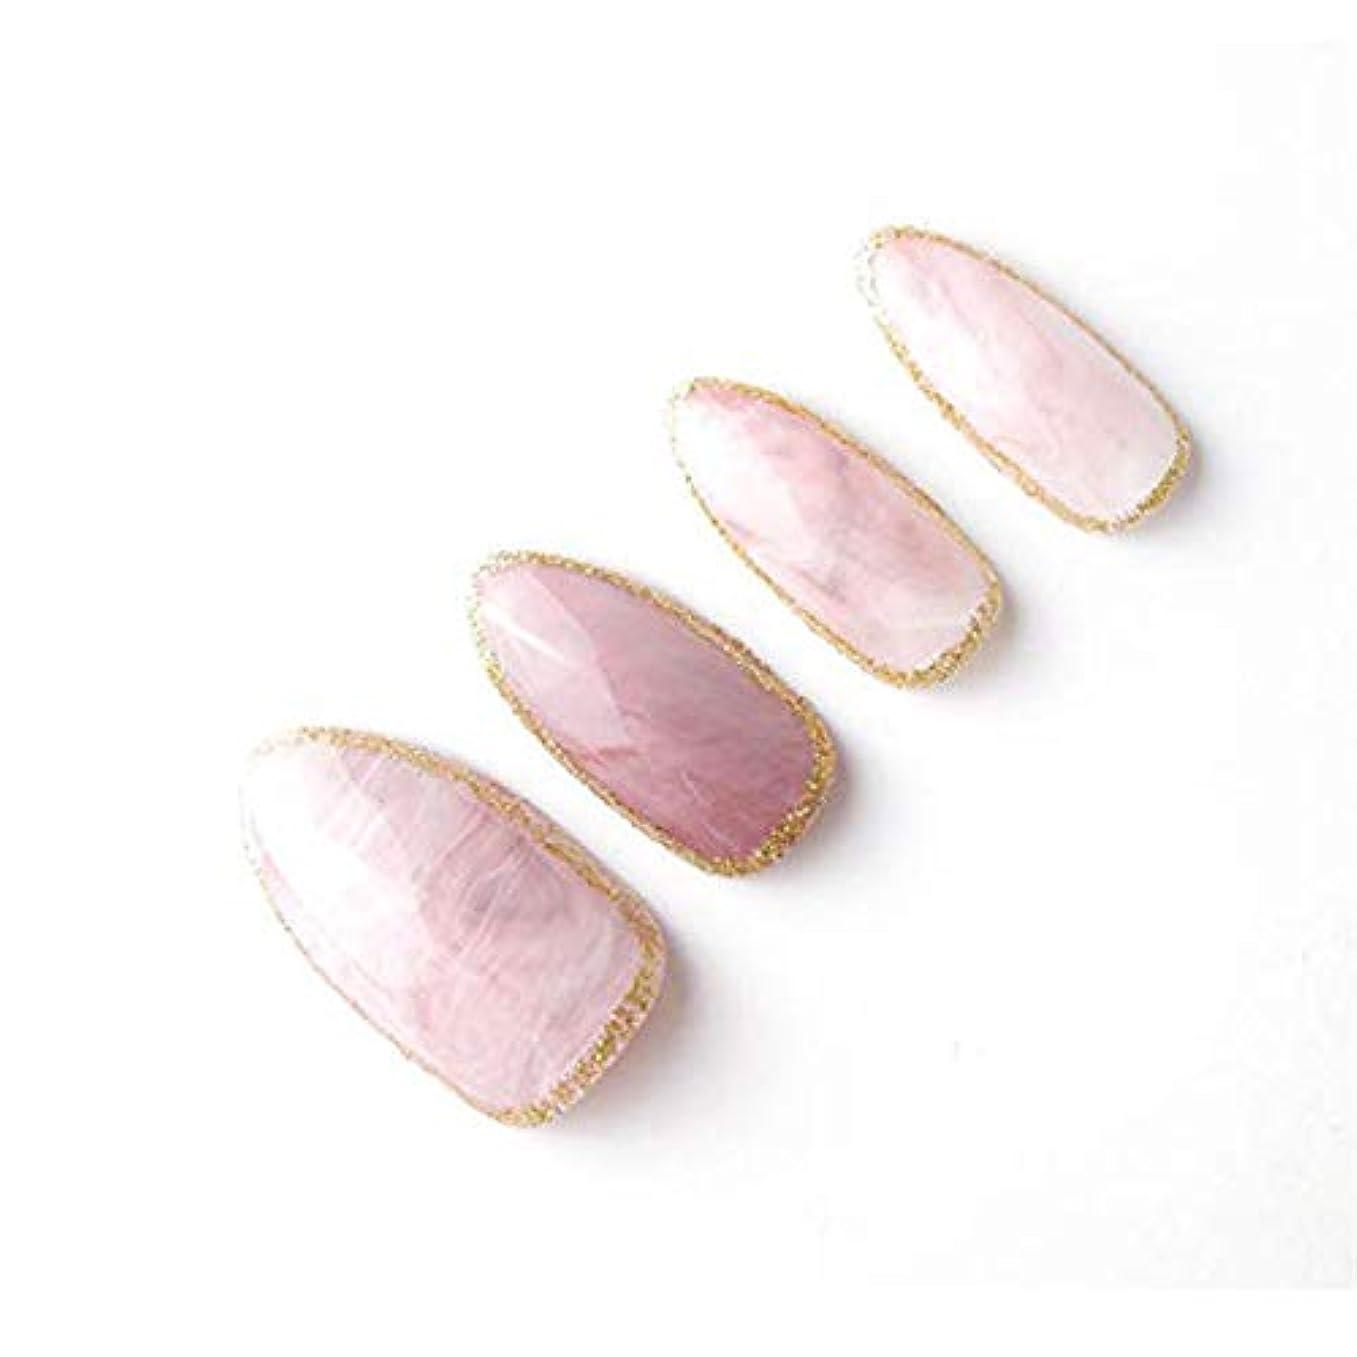 旋律的の頭の上泥沼YuNail ネイルチップ 24枚 ピンク 石の質感 楕円形状 短い アクリル